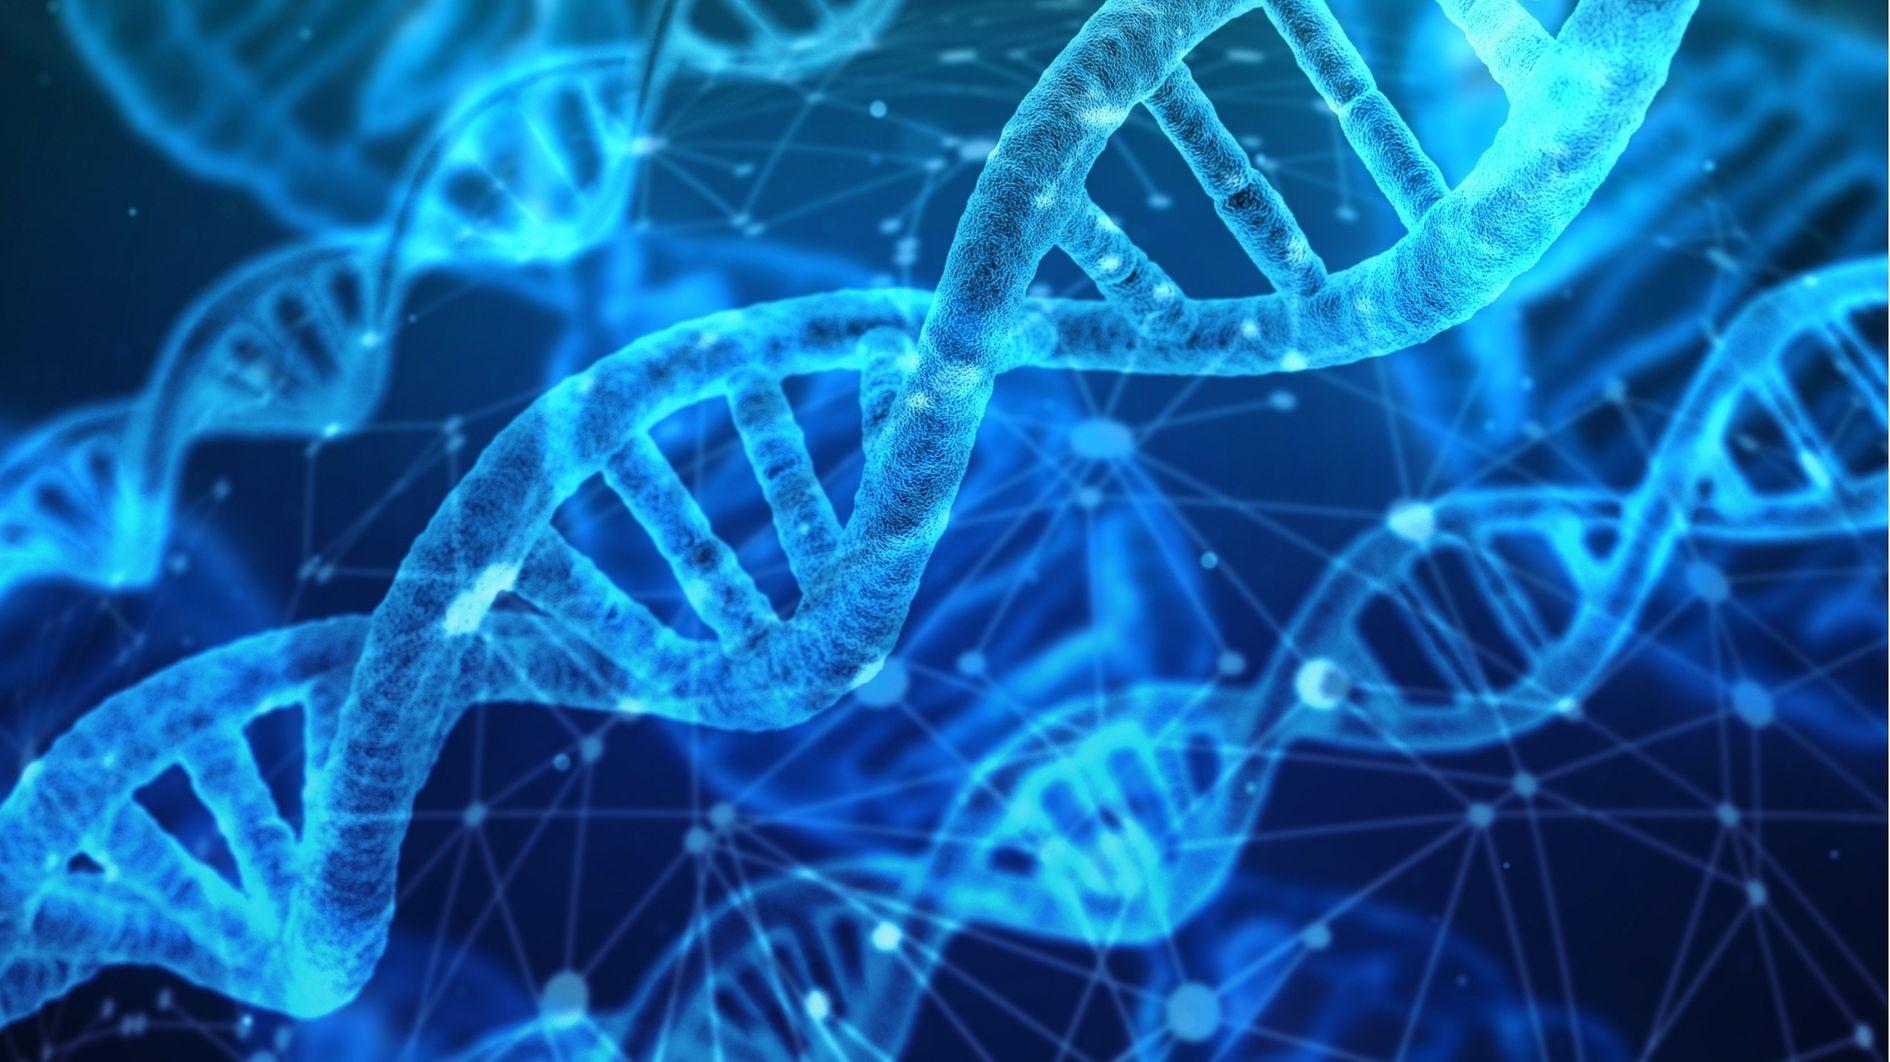 20年ぶりにヒトゲノムの全塩基配列が決定! 本当の意味での解読終了